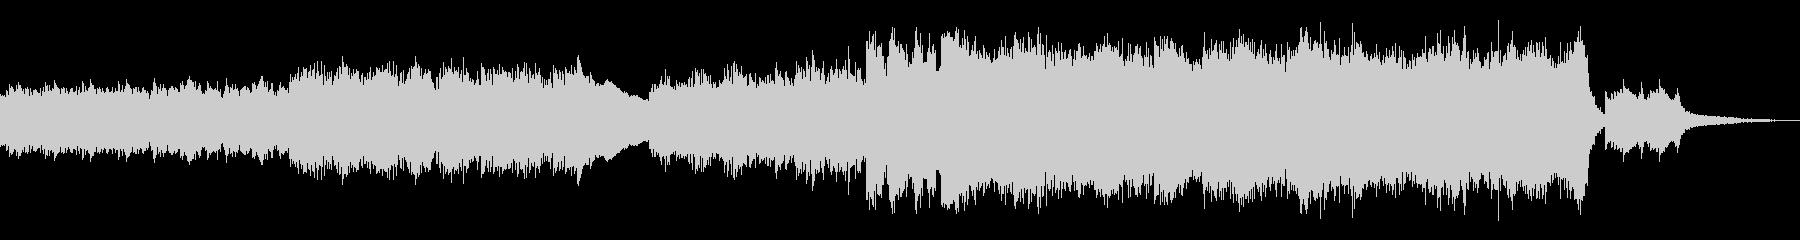 現代の交響曲 神経質 ファンタジー...の未再生の波形